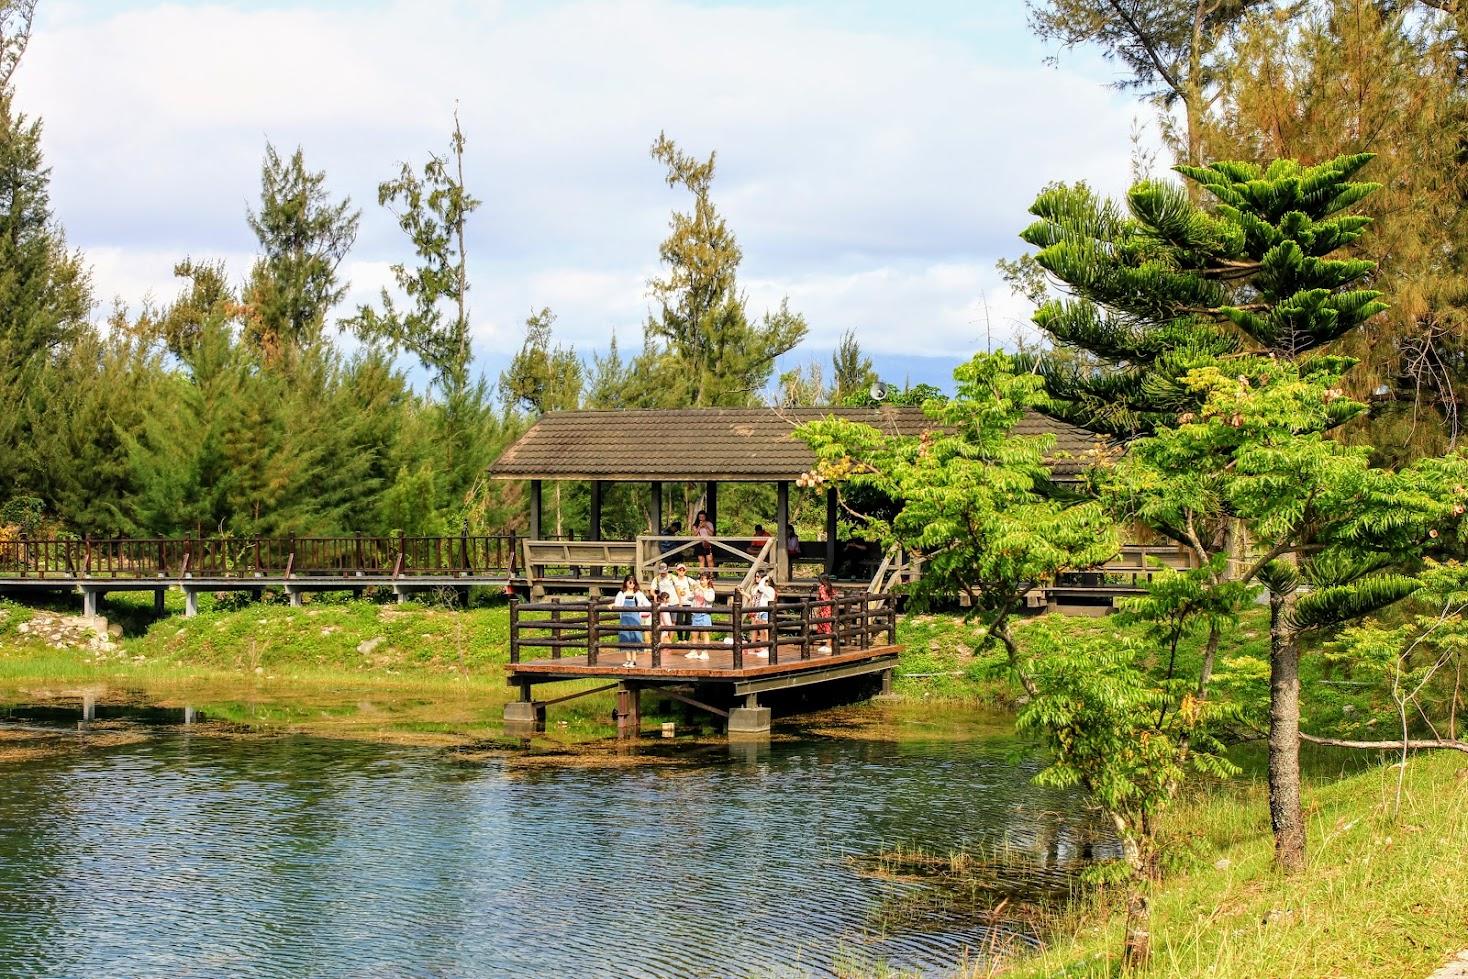 琵琶湖上方有一個小木屋可以乘涼也可以拍照喔